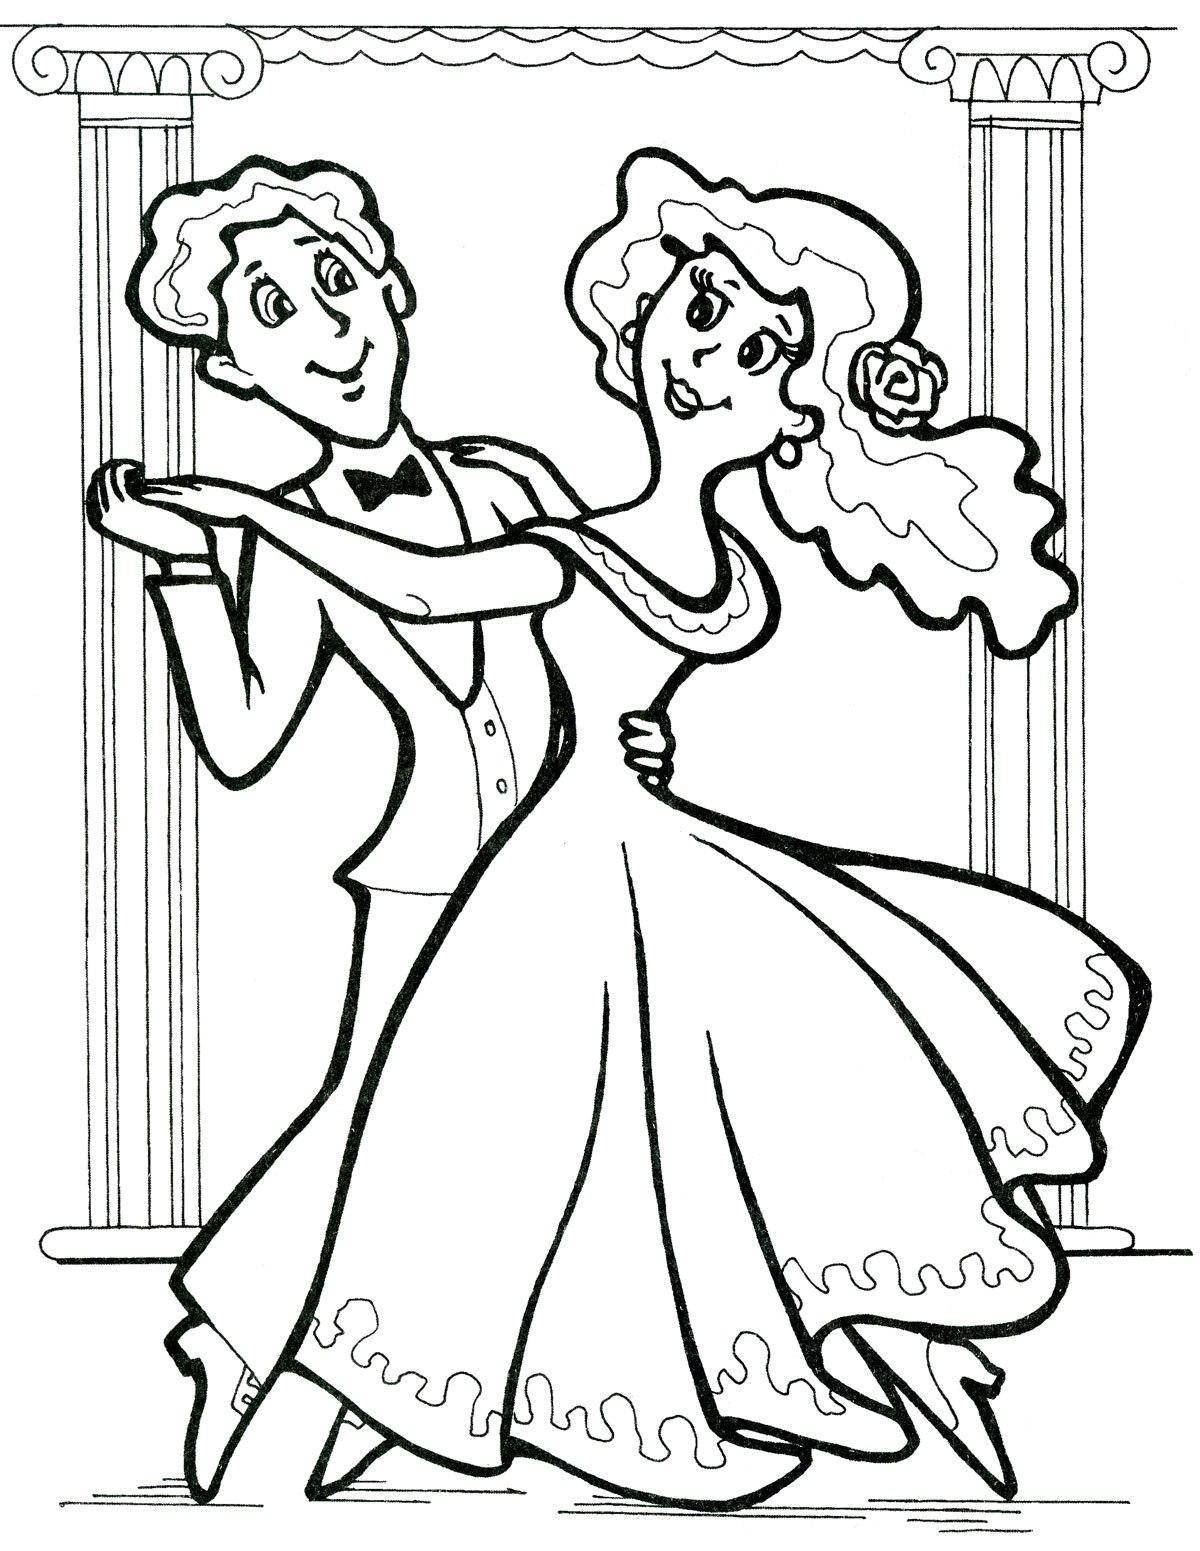 Ausmalbilder, Malvorlagen von Tanzen kostenlos zum Ausdrucken ...